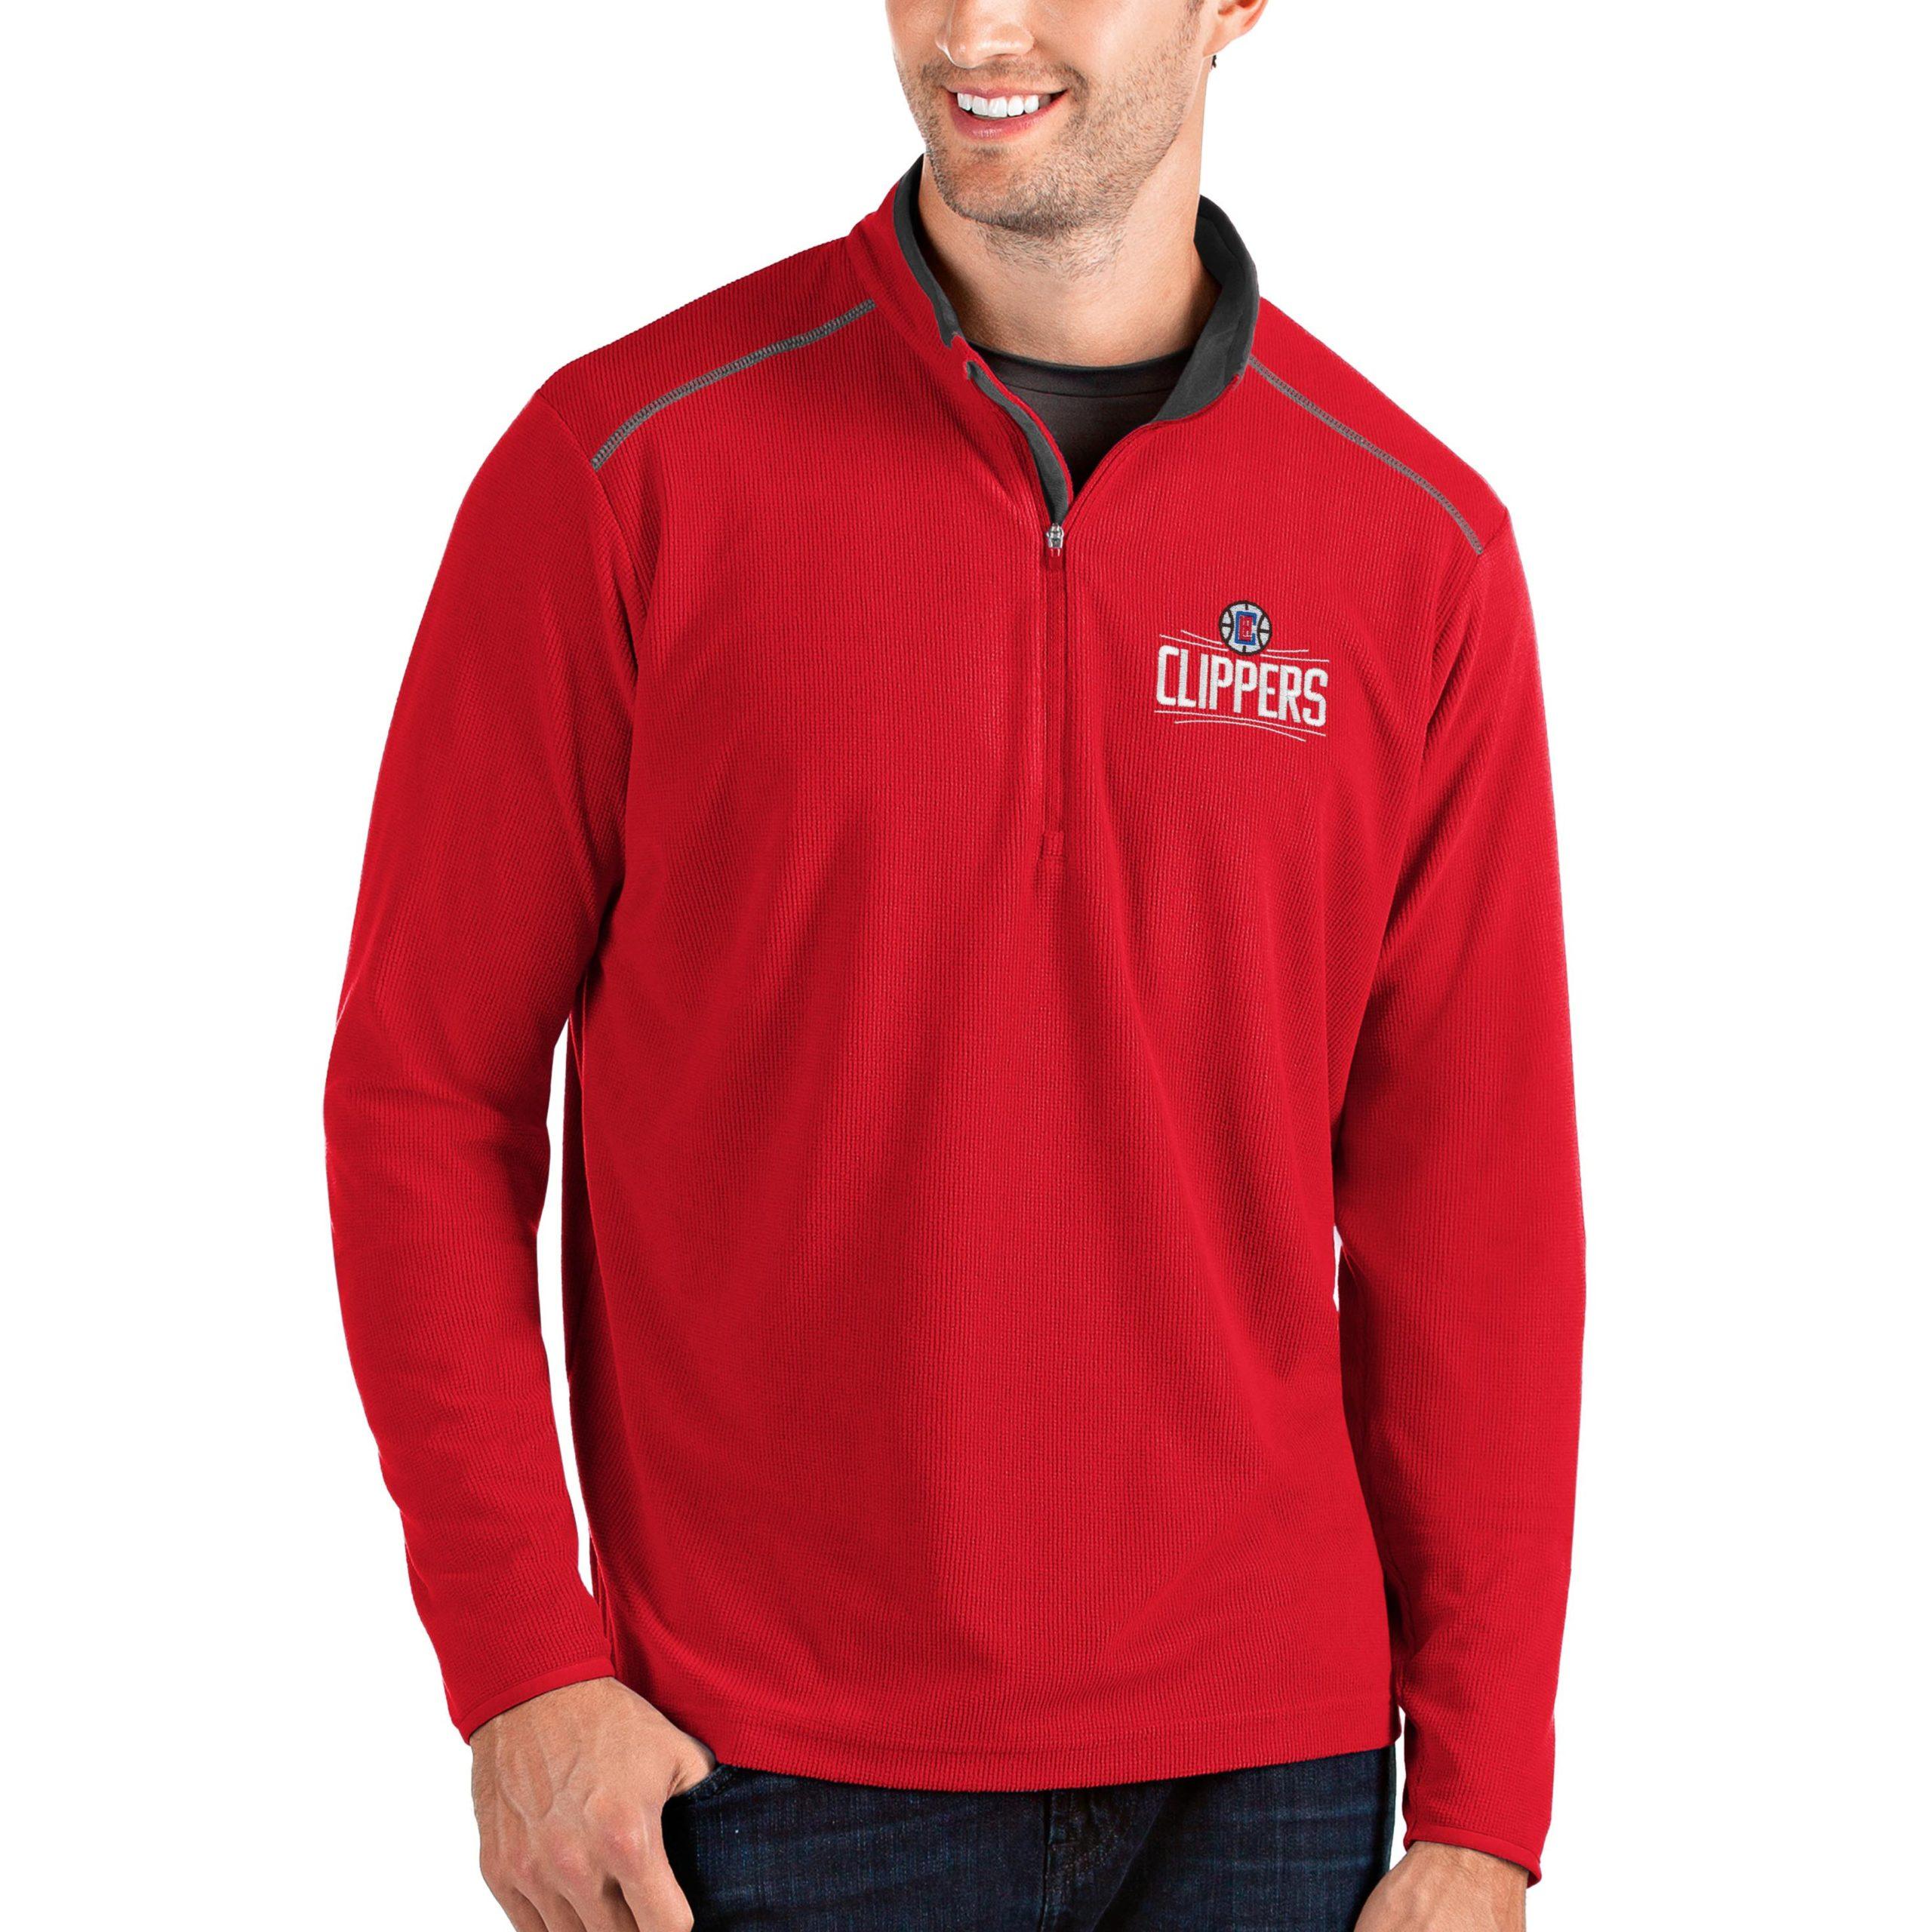 LA Clippers Antigua Big & Tall Glacier Quarter-Zip Pullover Jacket - Red/Gray